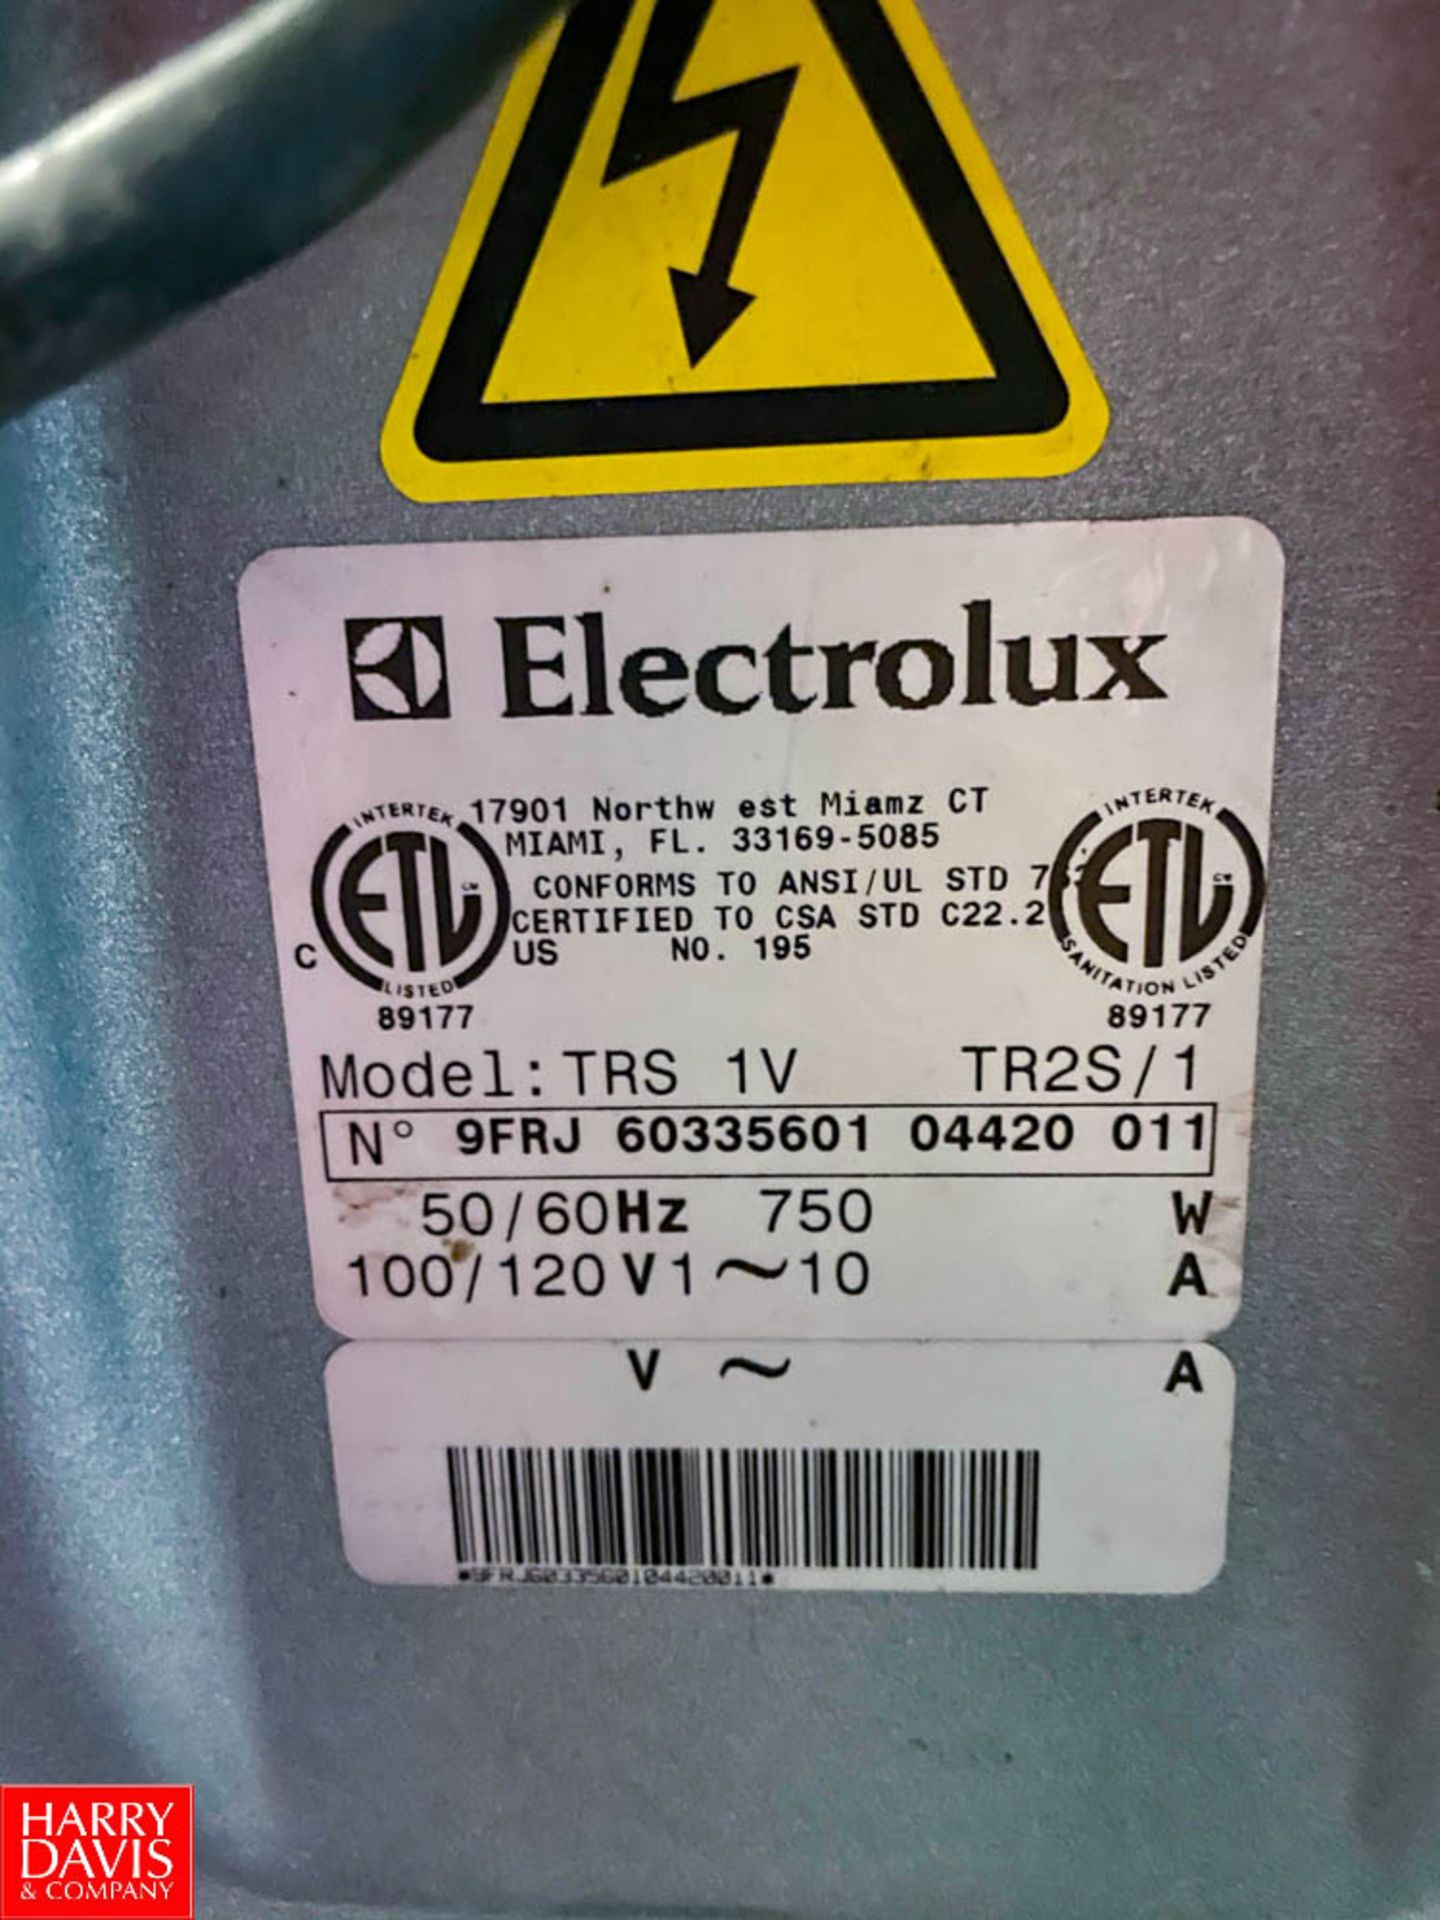 Electrolux Commercial Food Processor Model: TRS1V. Rigging Fee: $ 50 - Image 3 of 3